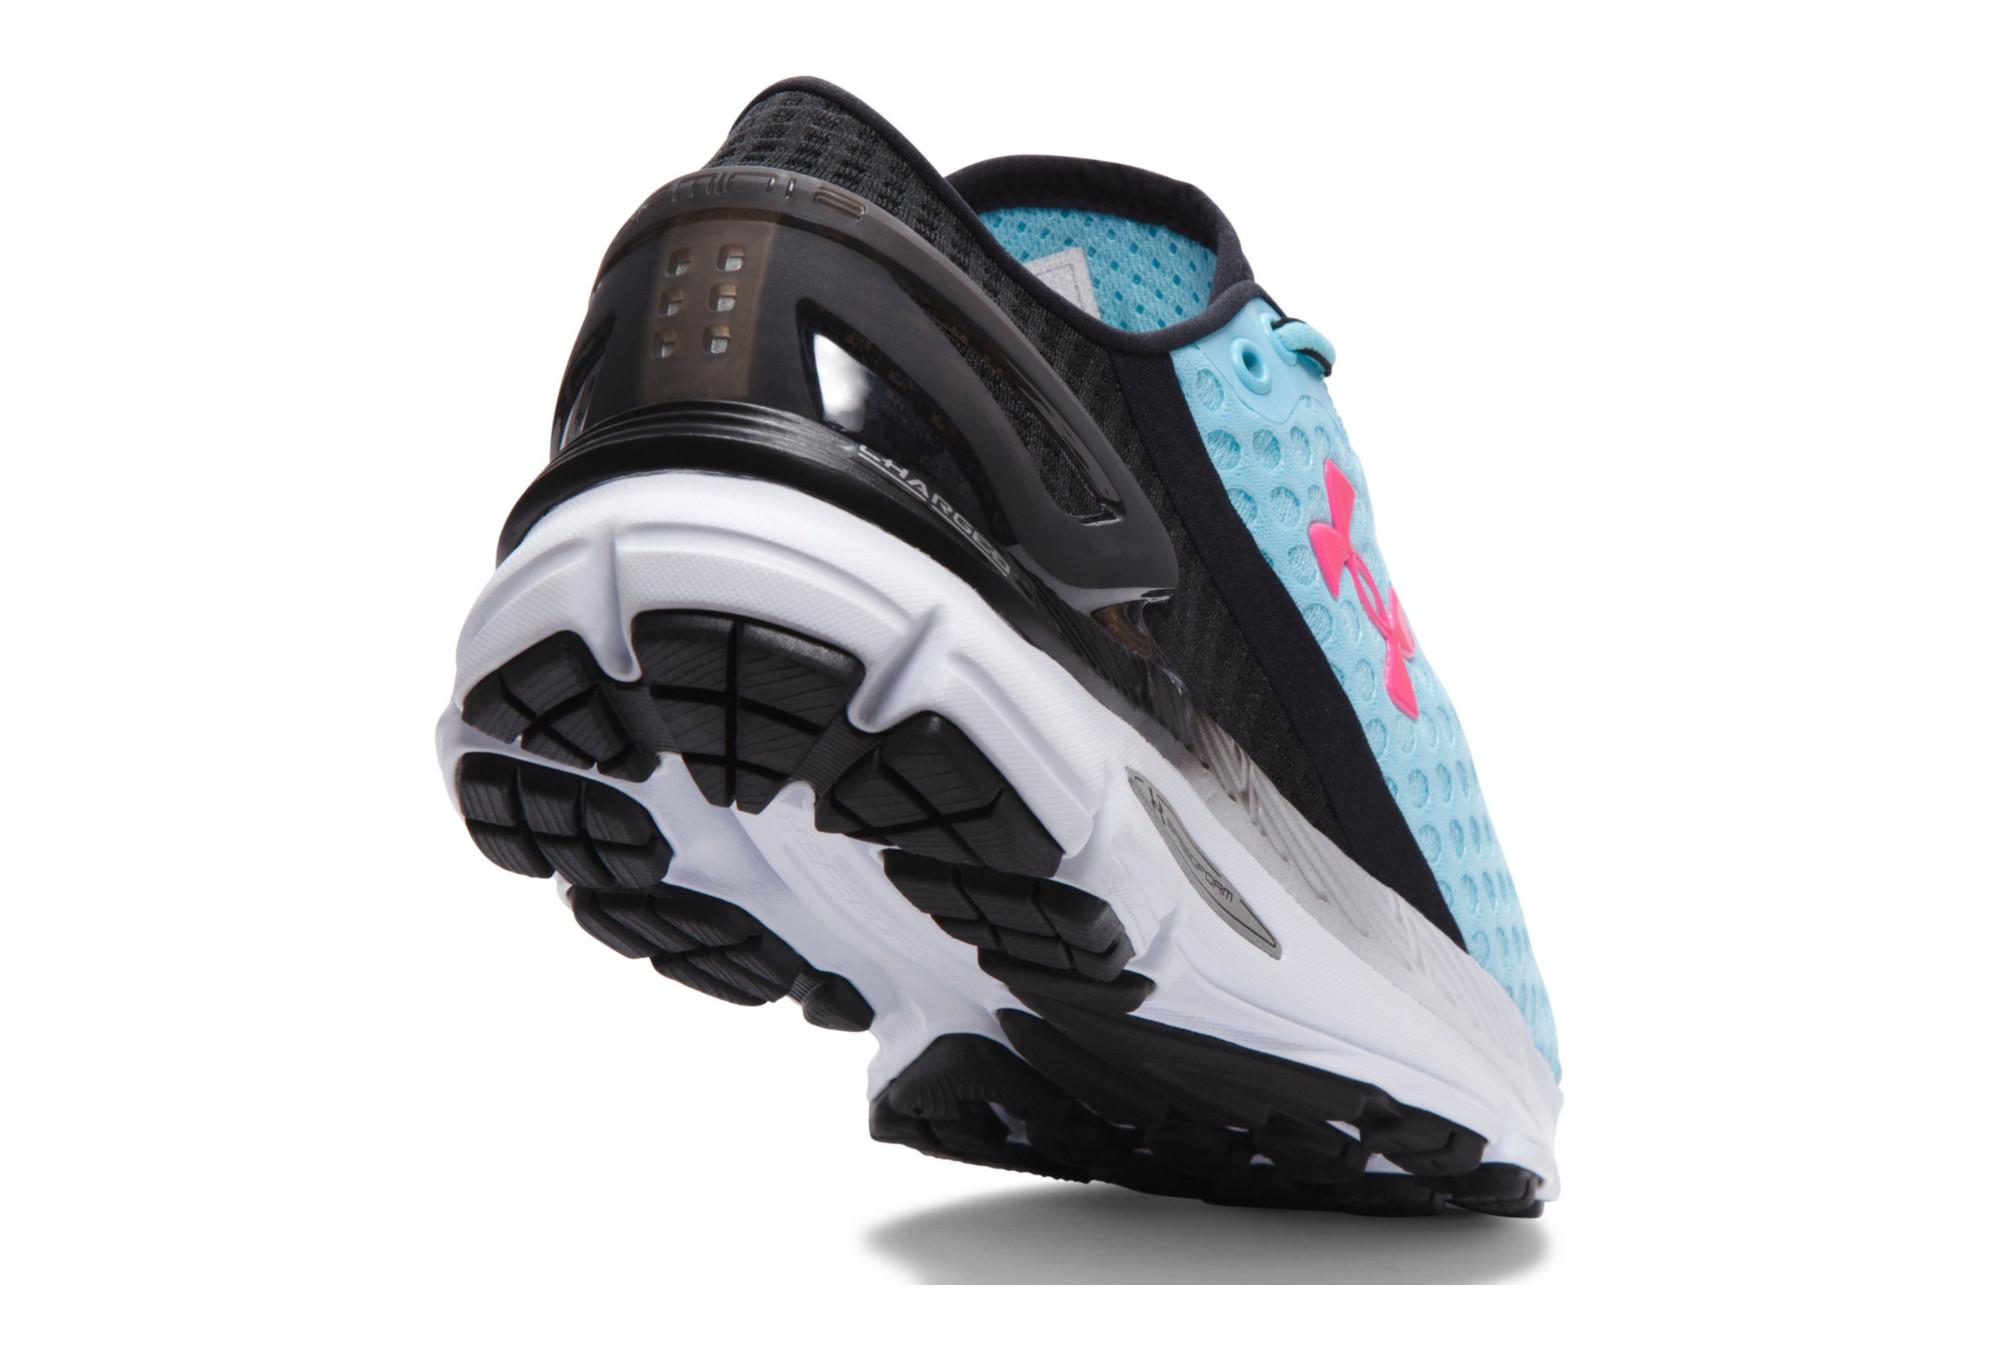 super popular 38999 108c5 UNDER ARMOUR SPEEDFORM GEMINI 2 Pair of Shoes Blue Black Women